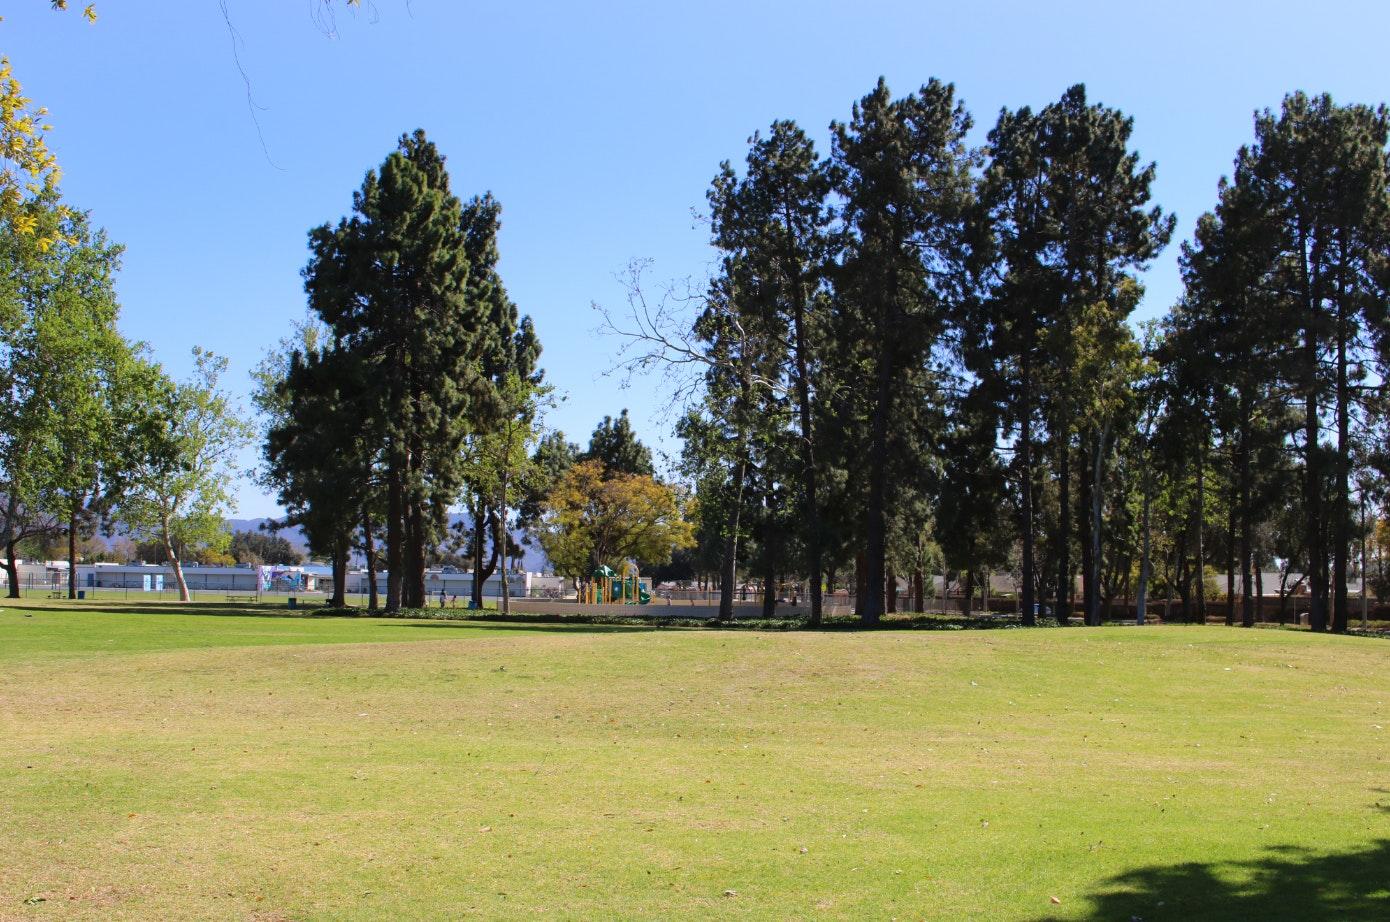 Dos Caminos Park